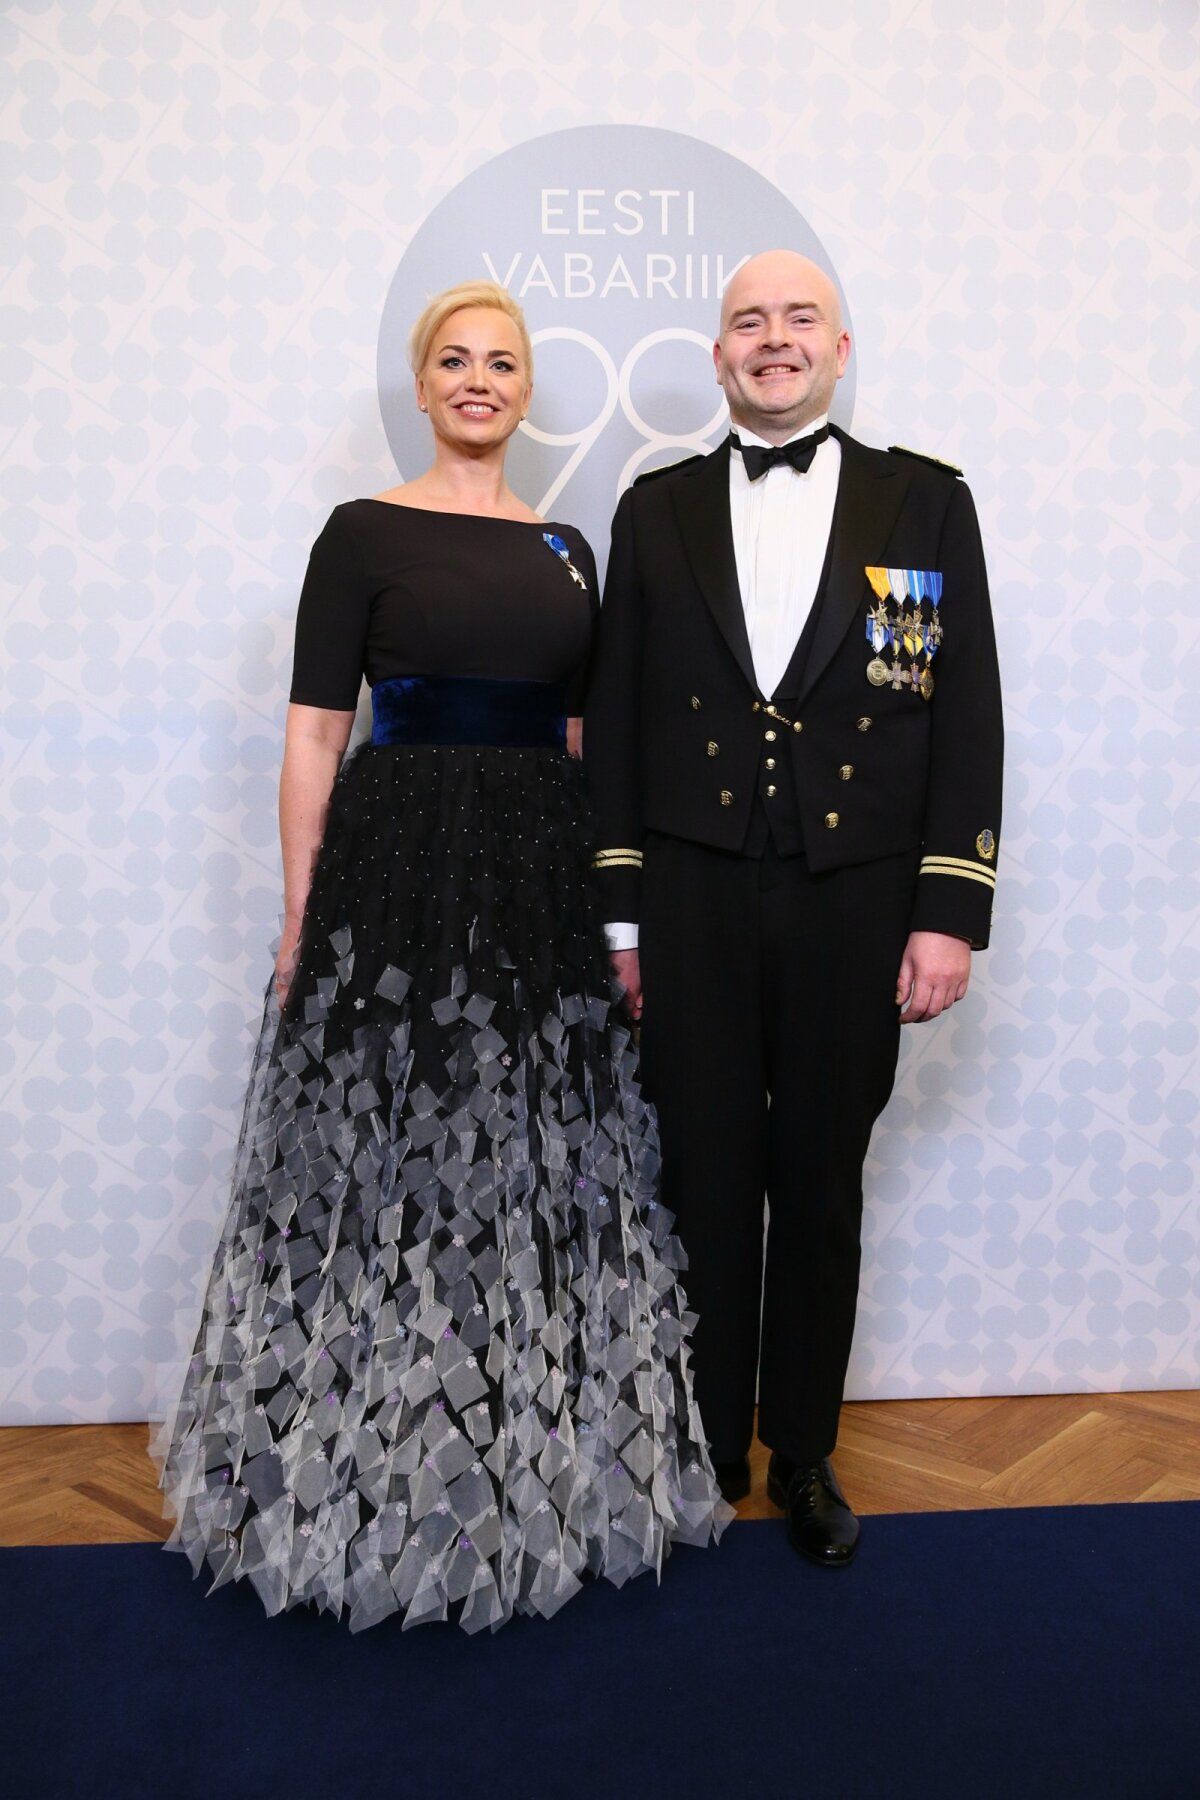 Журналист Кярт Анвельт надела работу Mammu Couture на 98-летие Эстонской Республики в 2016 году